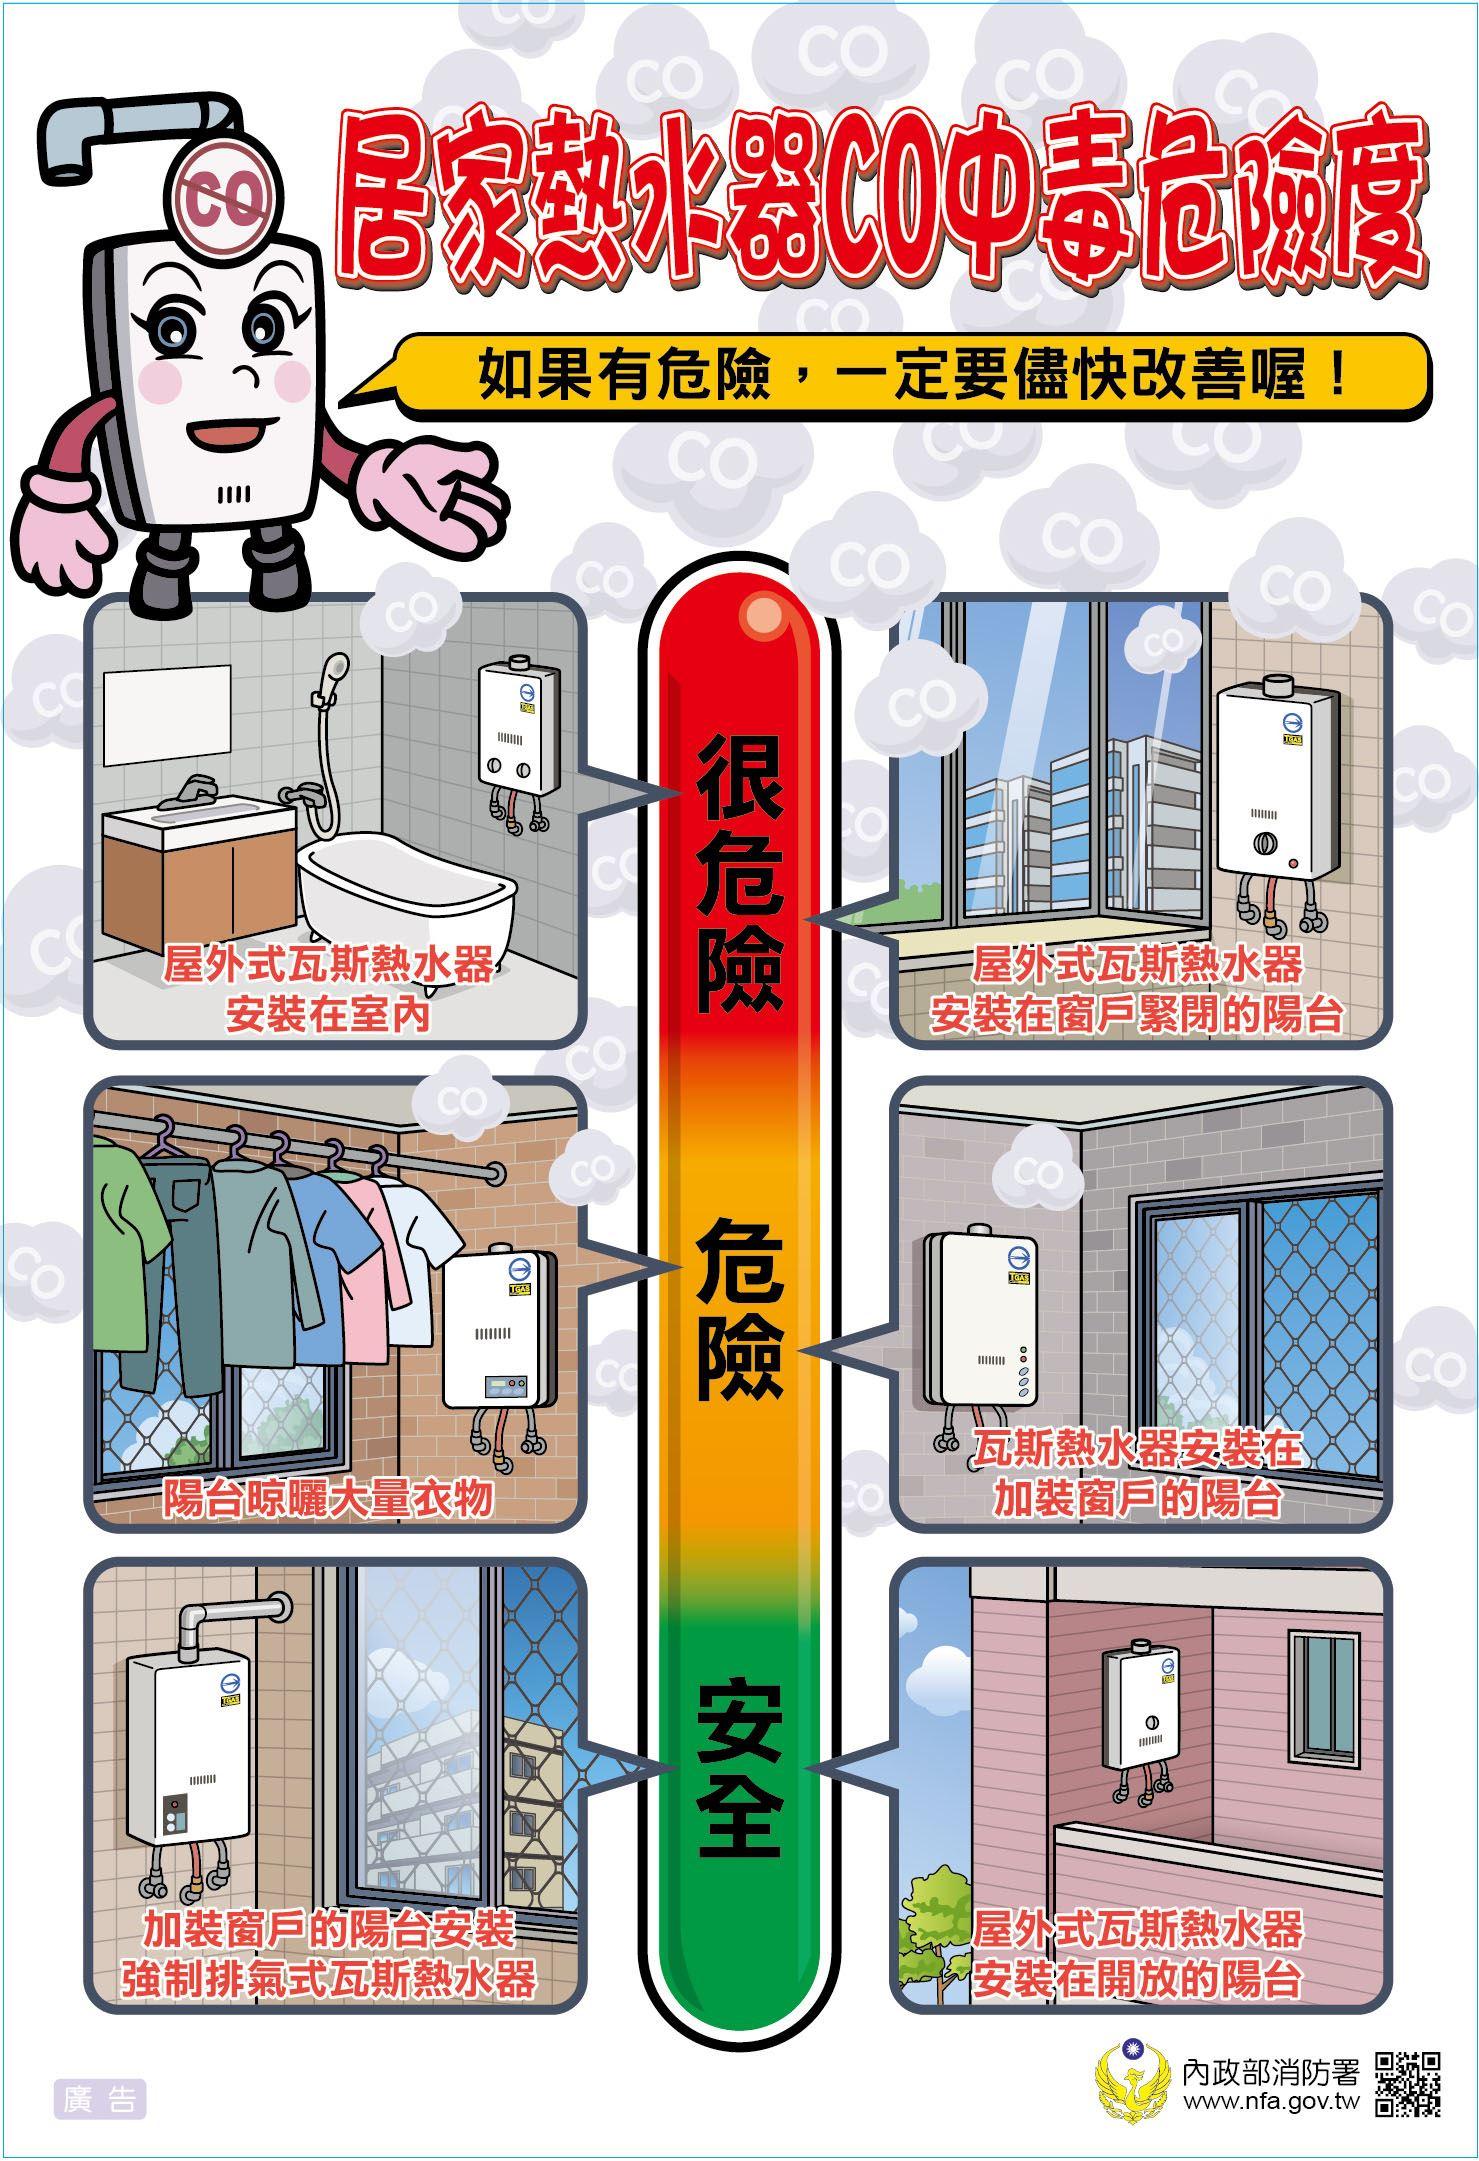 居家熱水器co中毒危險度